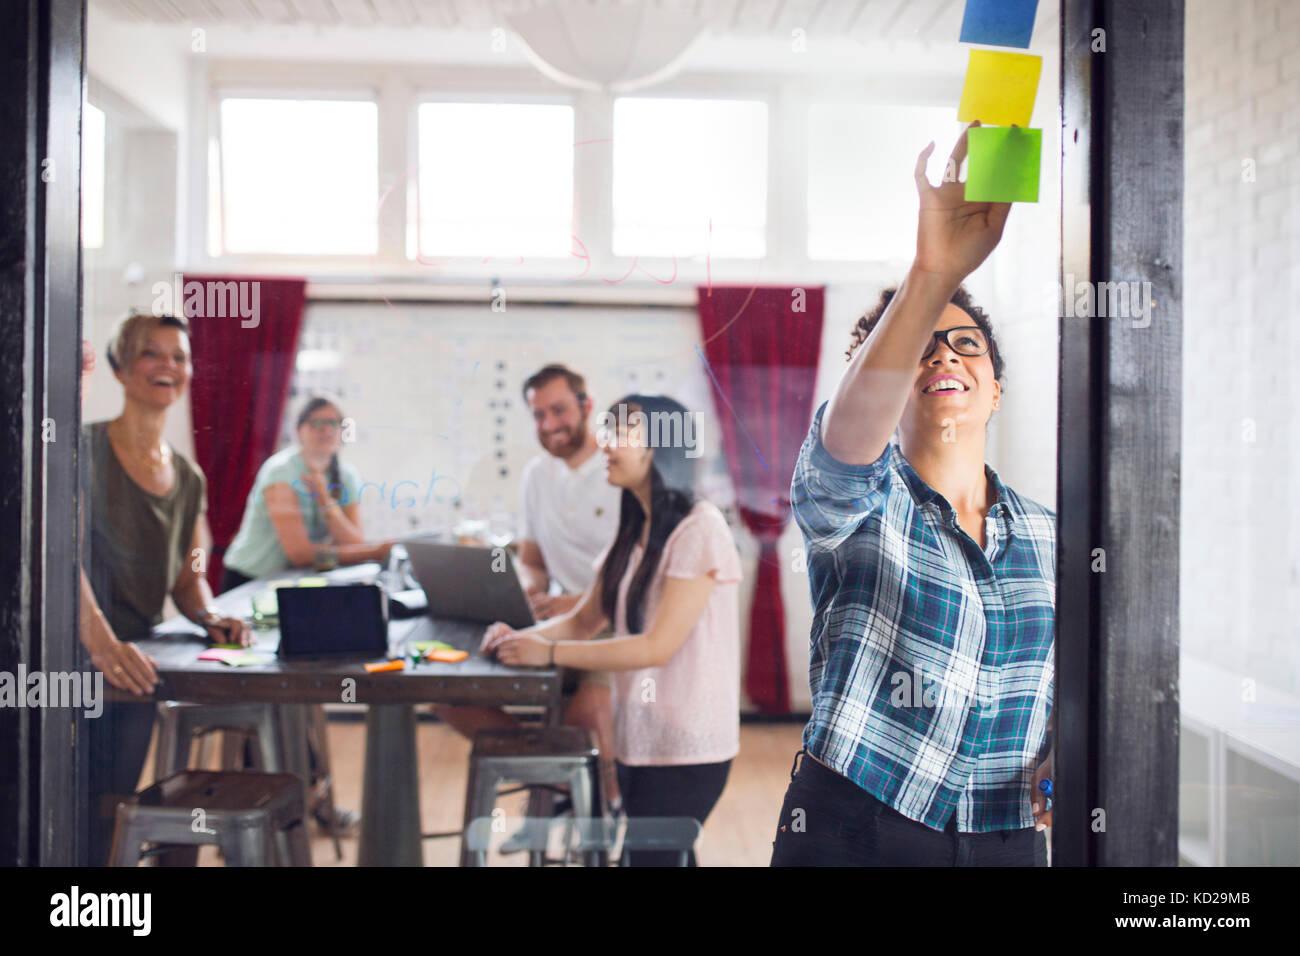 Gruppe von Kollegen Brainstorming im Büro Stockbild